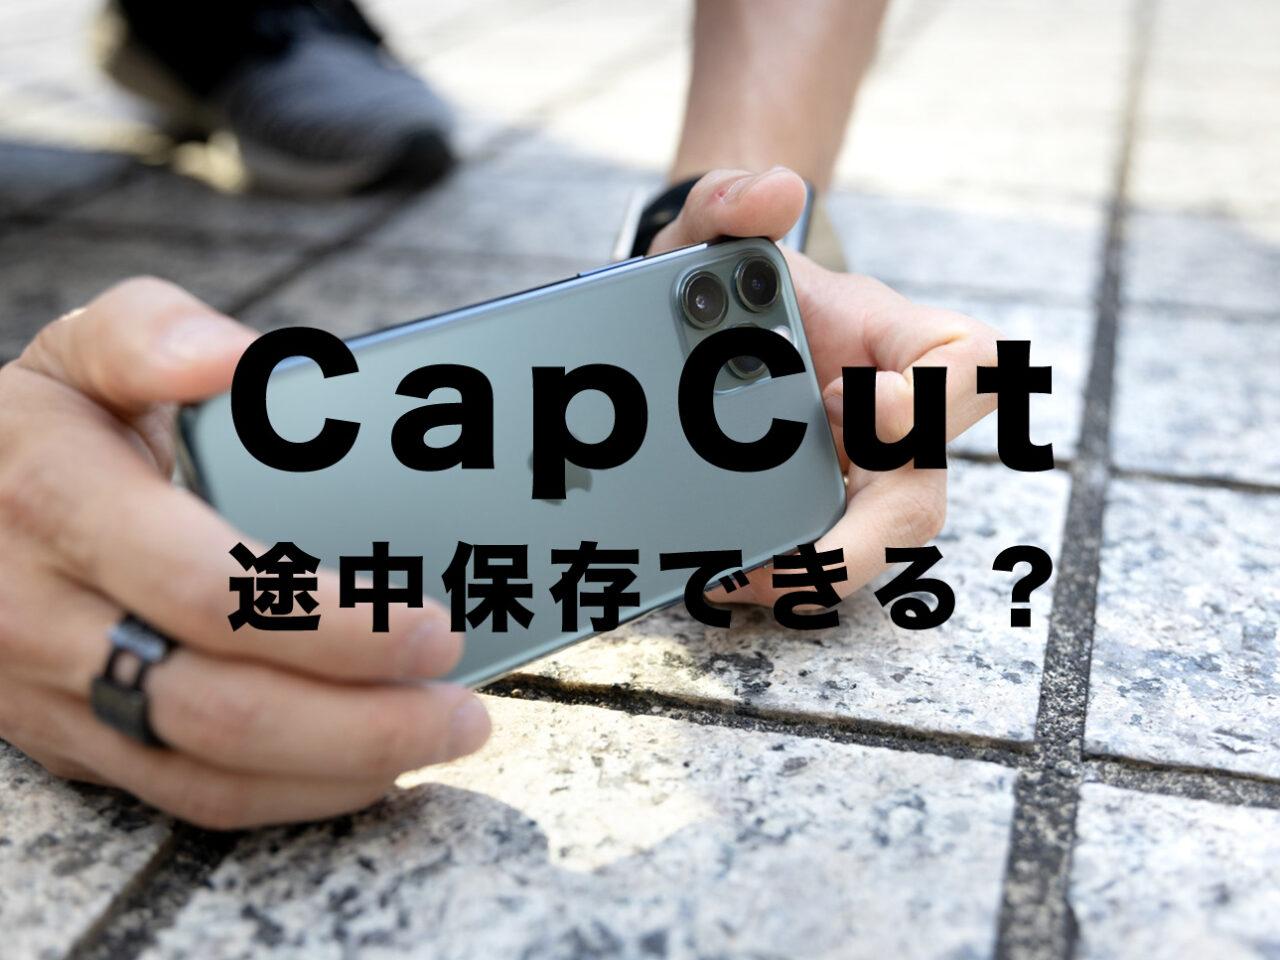 CapCut(キャップカット)で途中保存はできる?動画を作成途中で保存はできる?のサムネイル画像